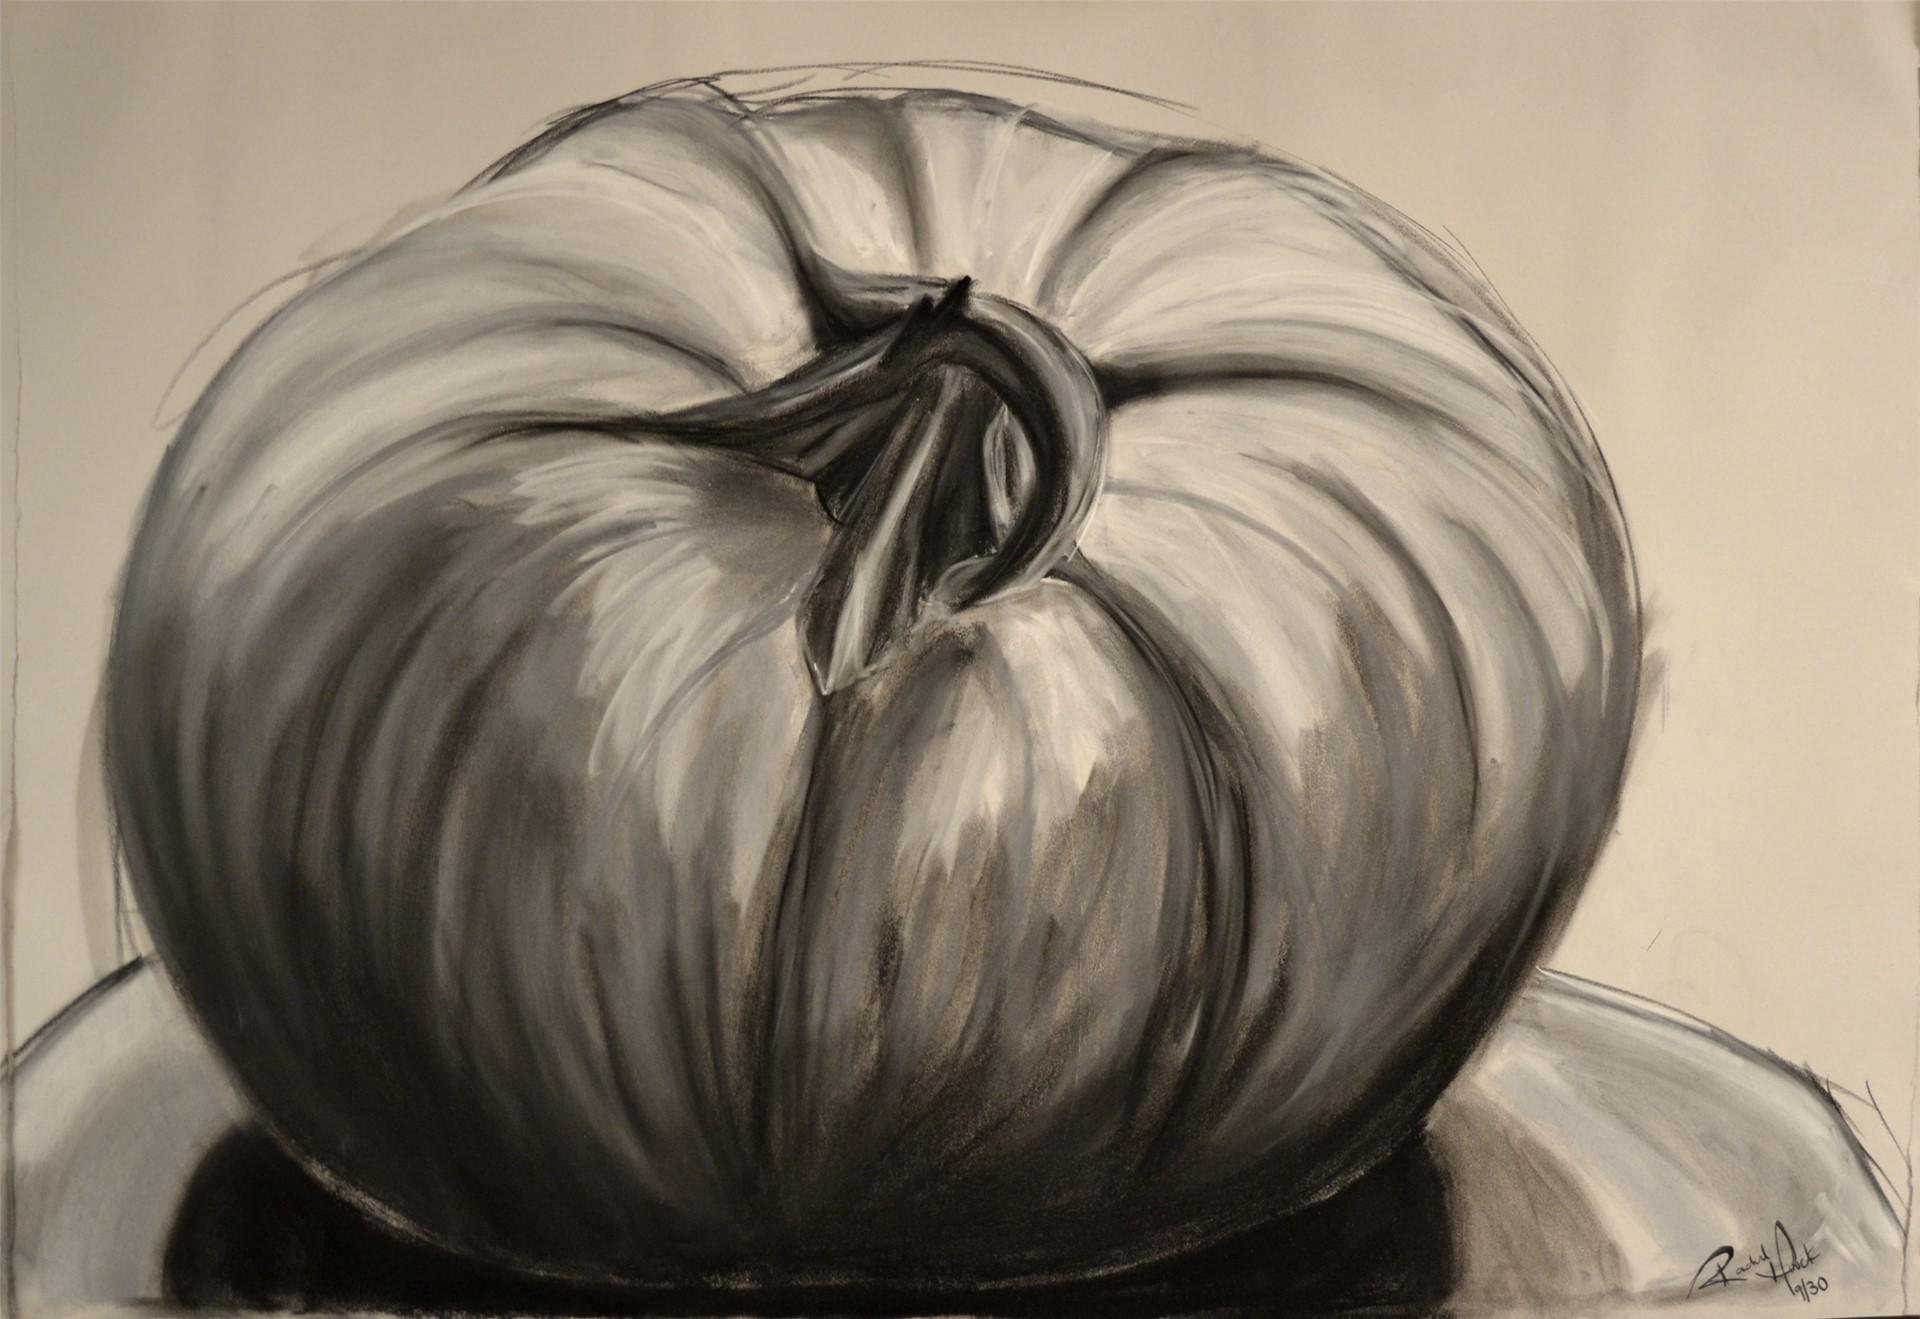 RACHEL HOUCK, Pumpkin, charcoal &pastel on newsprint, 24 x 36, 2014